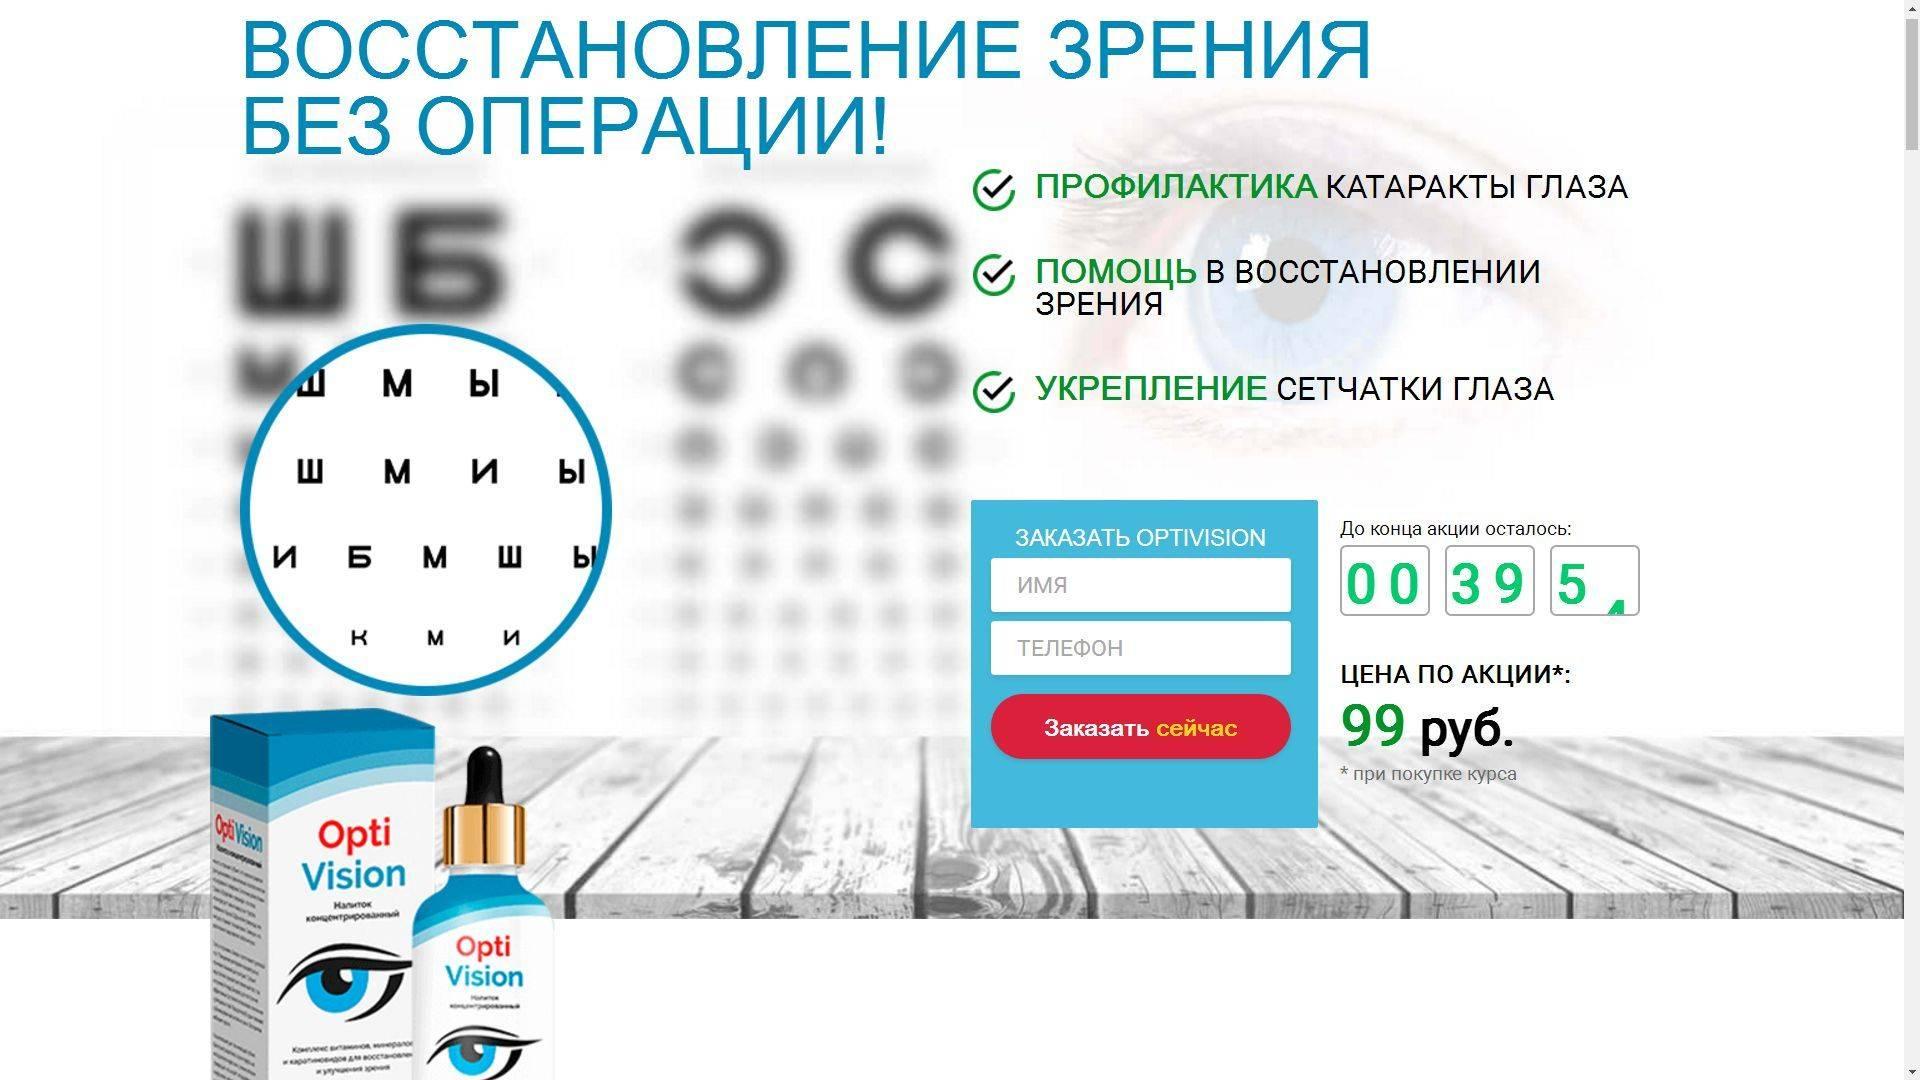 Как восстановить зрение до100% даже «запущенным очкарикам» за1месяц без операций итаблеток. система естественного восстановления зрения «глаз-алмаз»текст